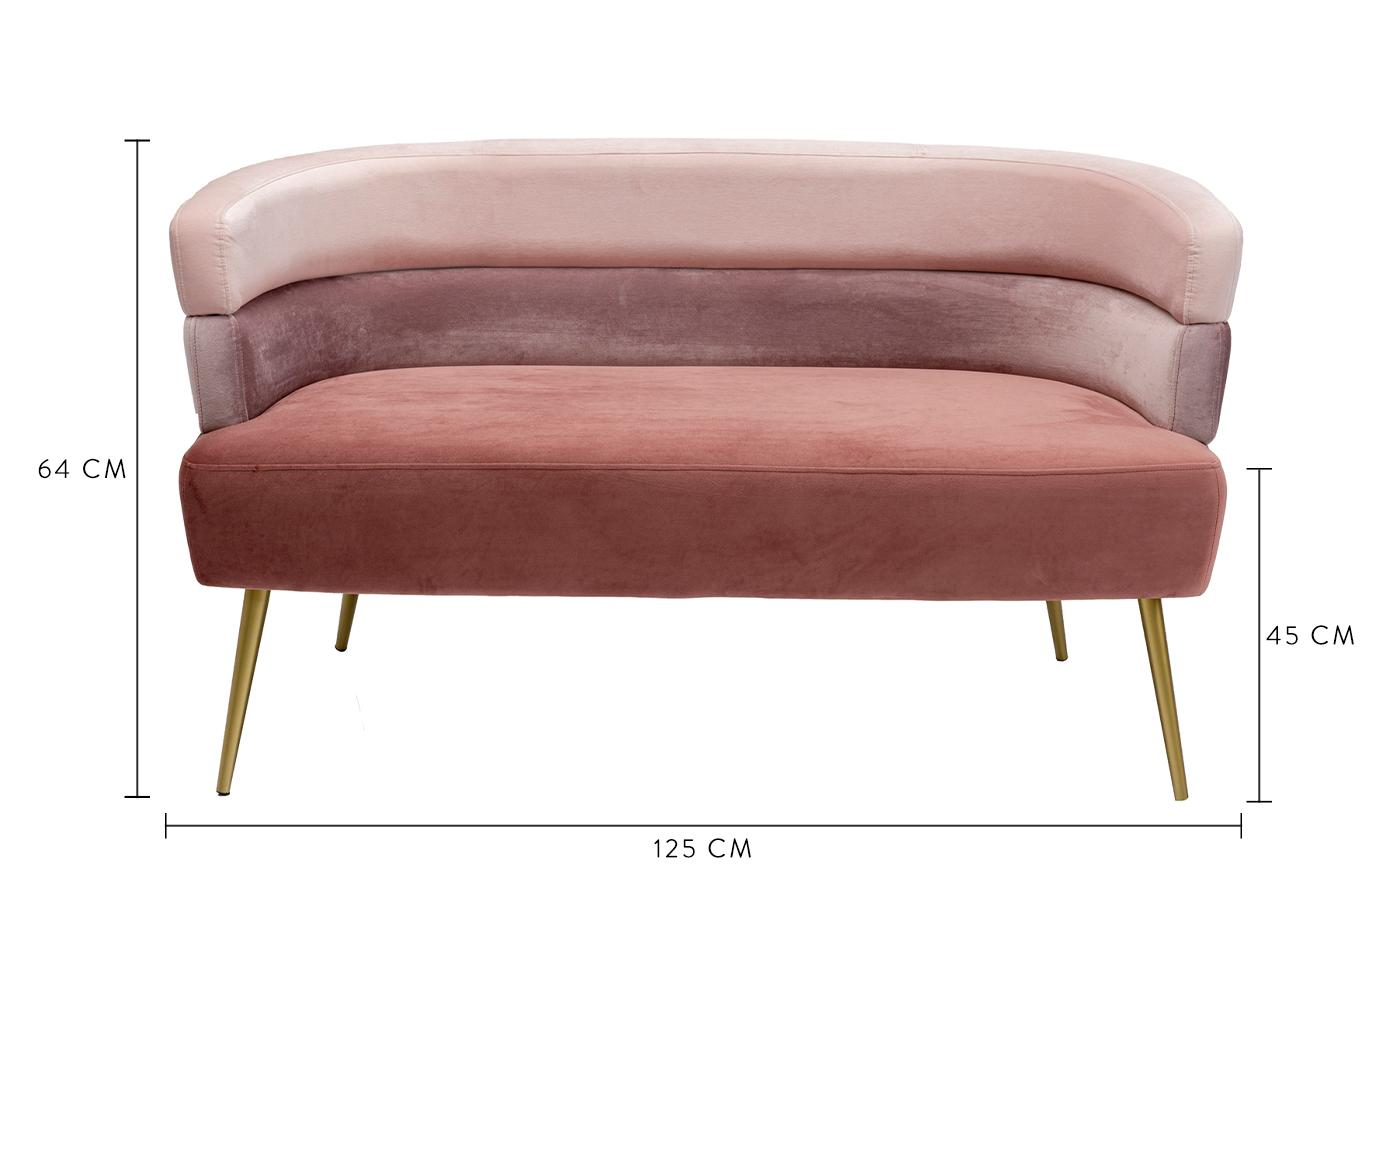 Samt-Sofa Sandwich (2-Sitzer) im Retro-Design, Bezug: Polyestersamt, Füße: Metall, pulverbeschichtet, Samt Rosa, B 125 x T 64 cm